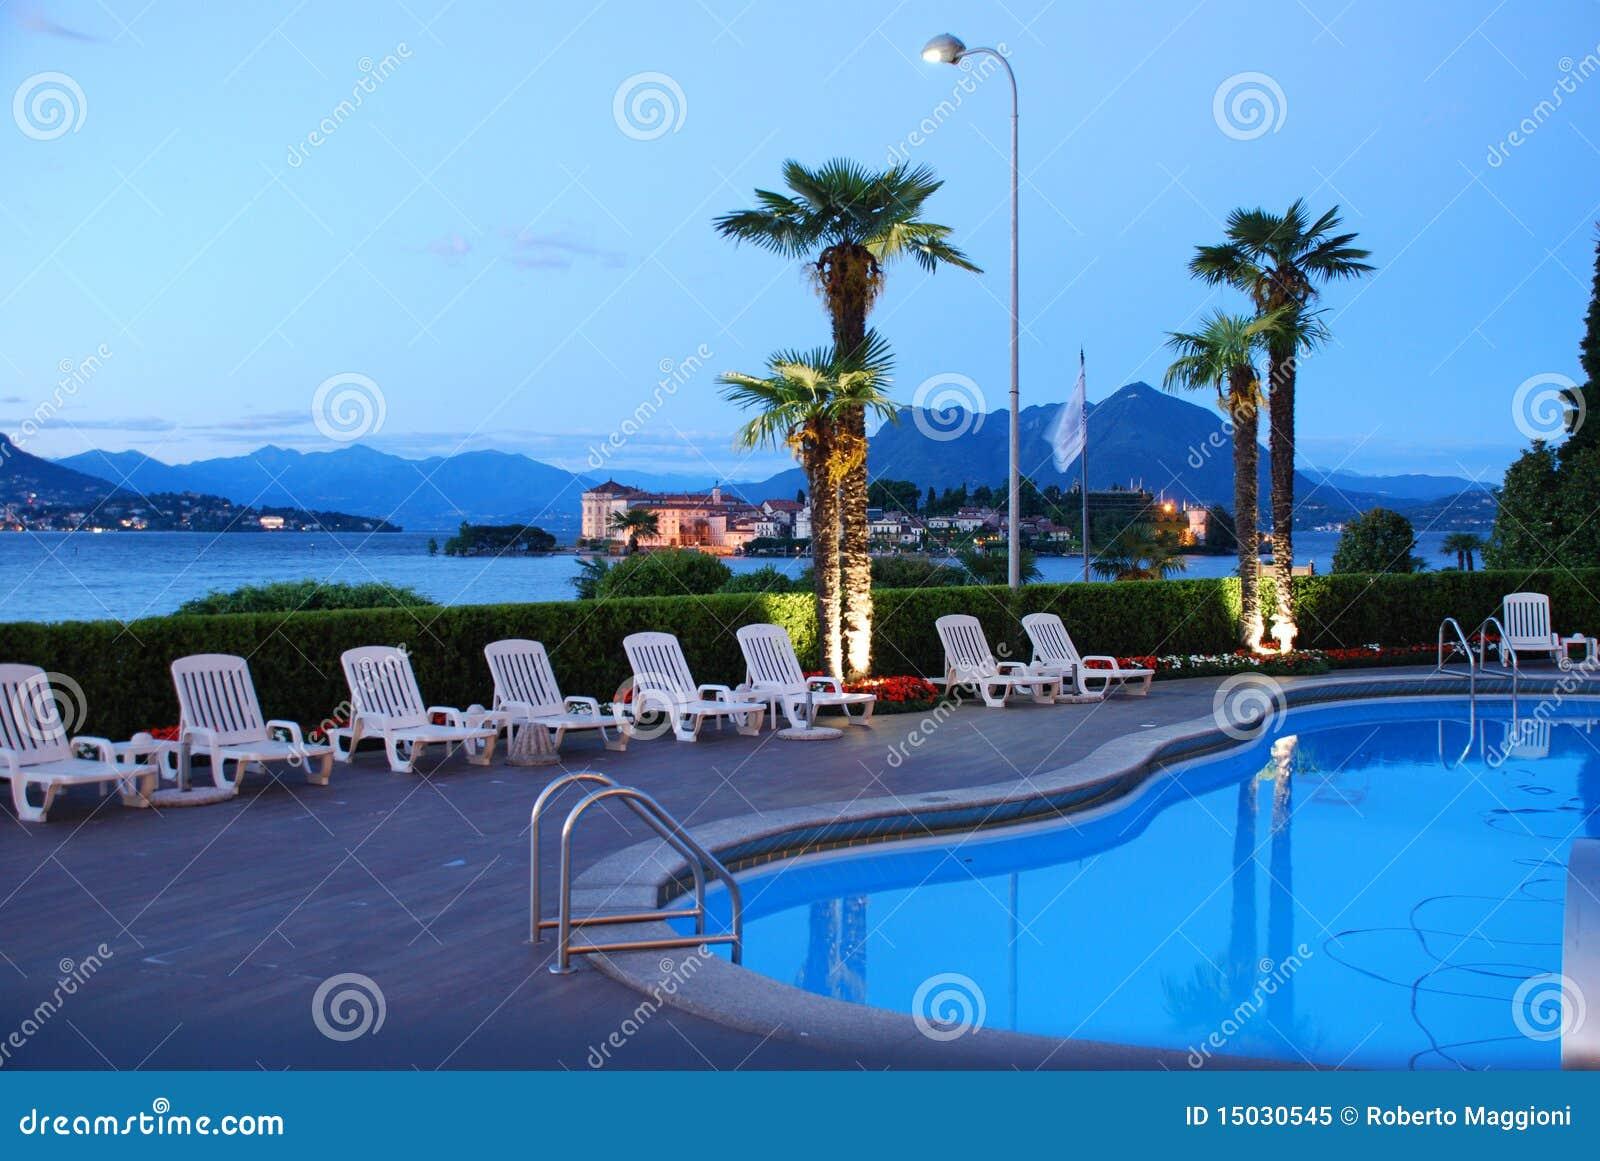 Gastfreundschaft durch Lake Maggiore, Italien